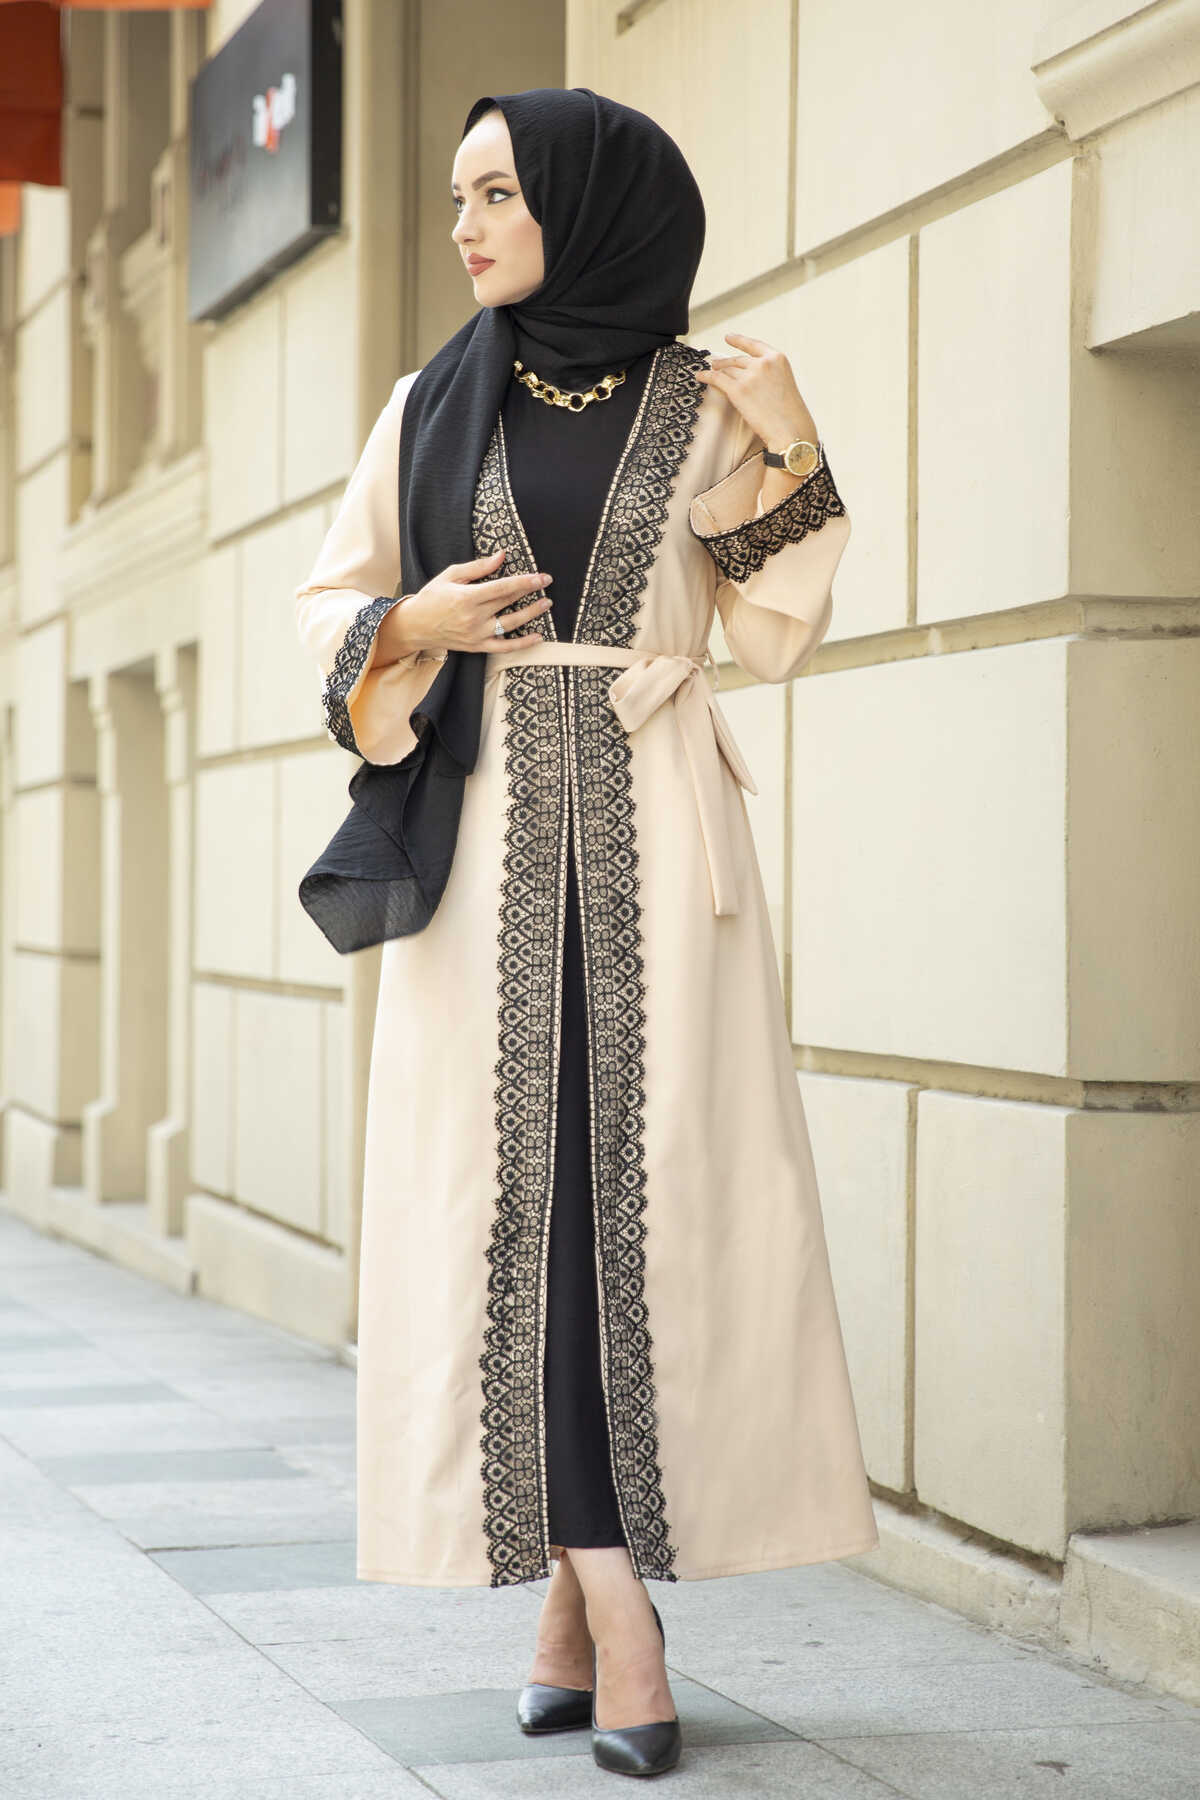 عباية بتفاصيل دانتيل لون أسود تركي موضة إسلامية ملابس إسلامية دبي استانبولستايل اسطنبول 2021